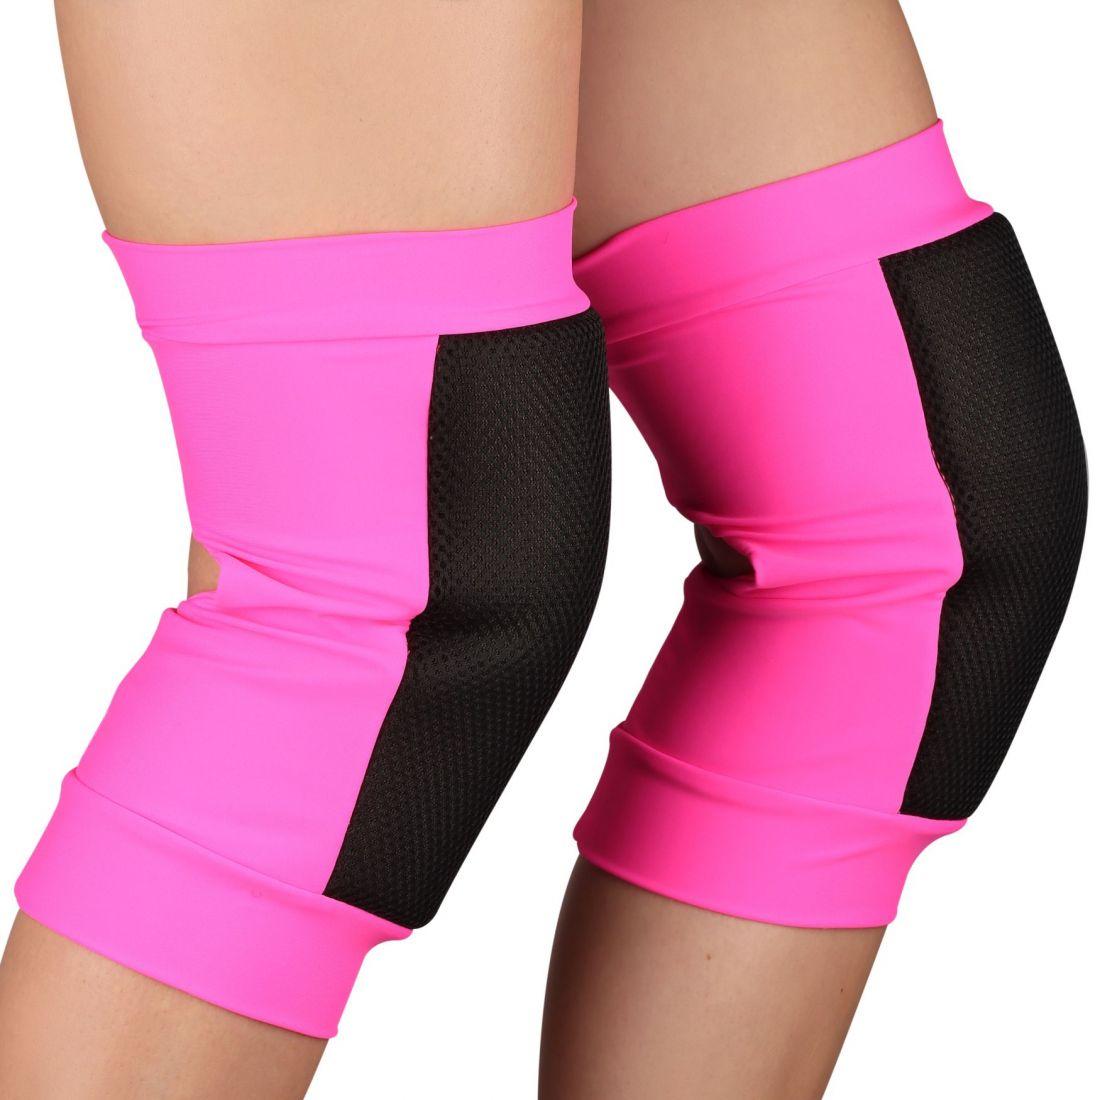 Наколенники для танцев и гимнастики INDIGO SANDRA SM-378 сетка розовые